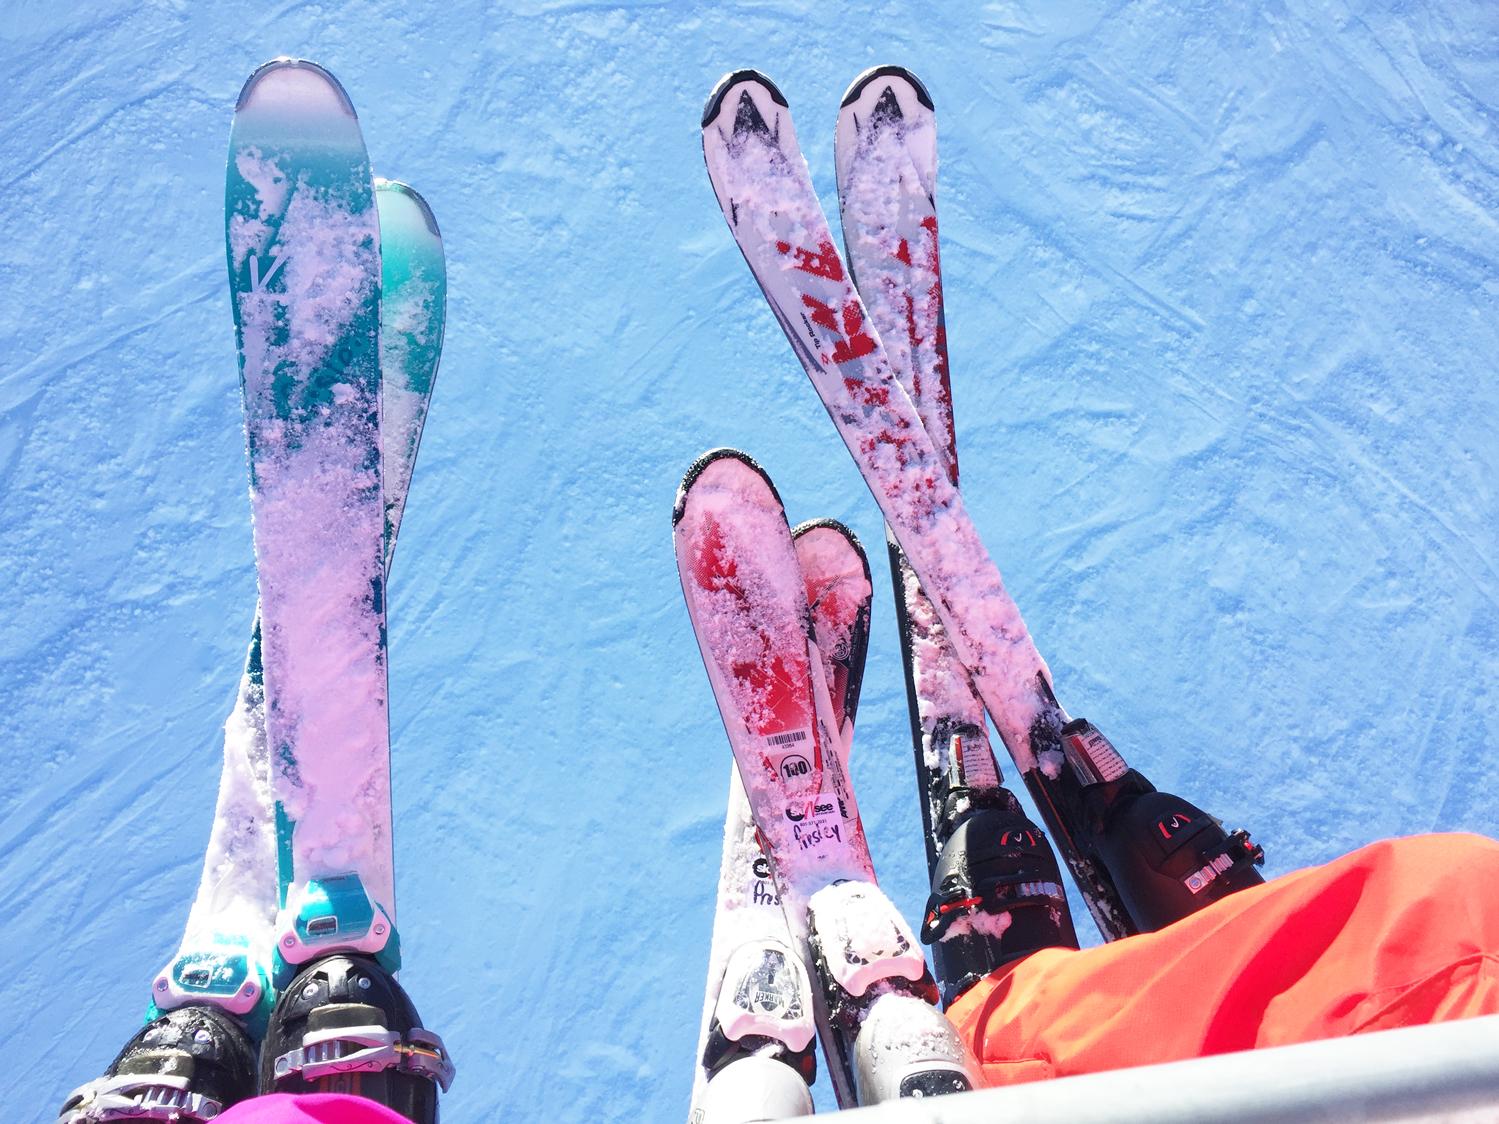 ski-n-see-season-rentals